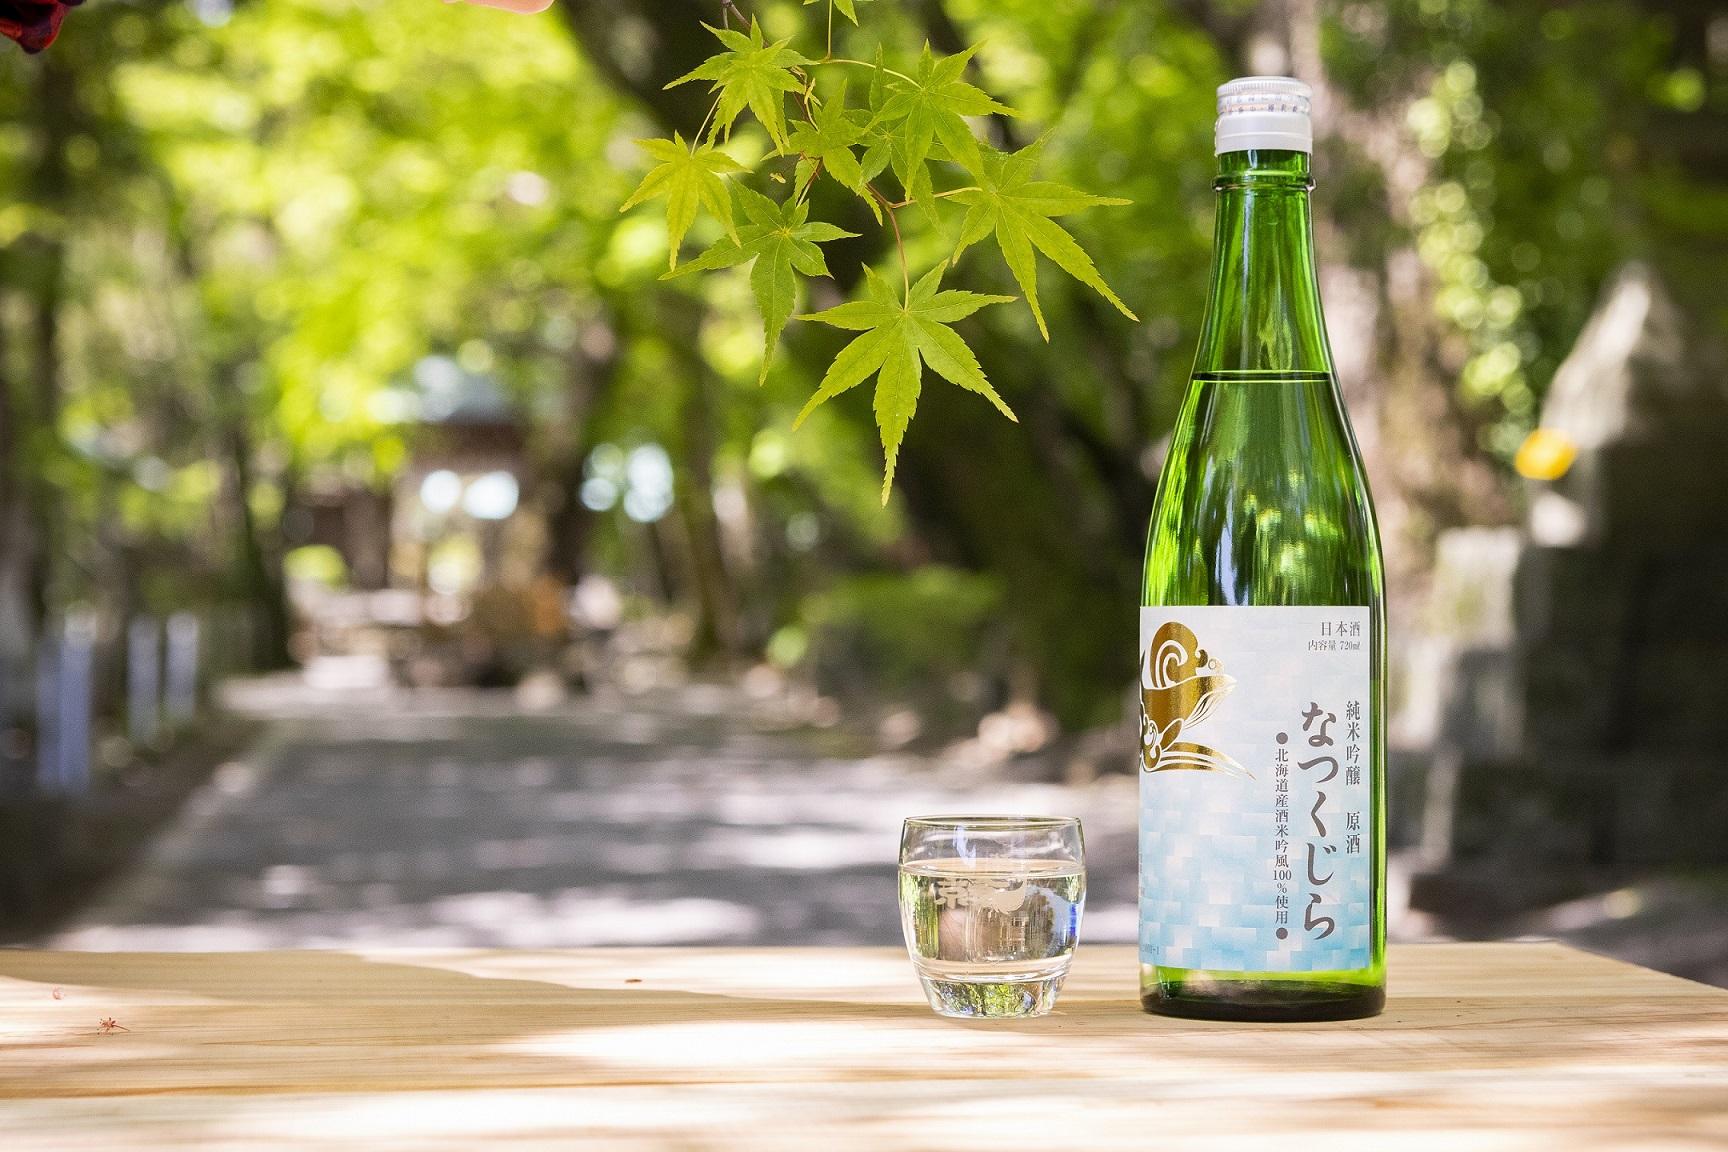 「純米吟醸 なつくじら 原酒」発売開始のお知らせ